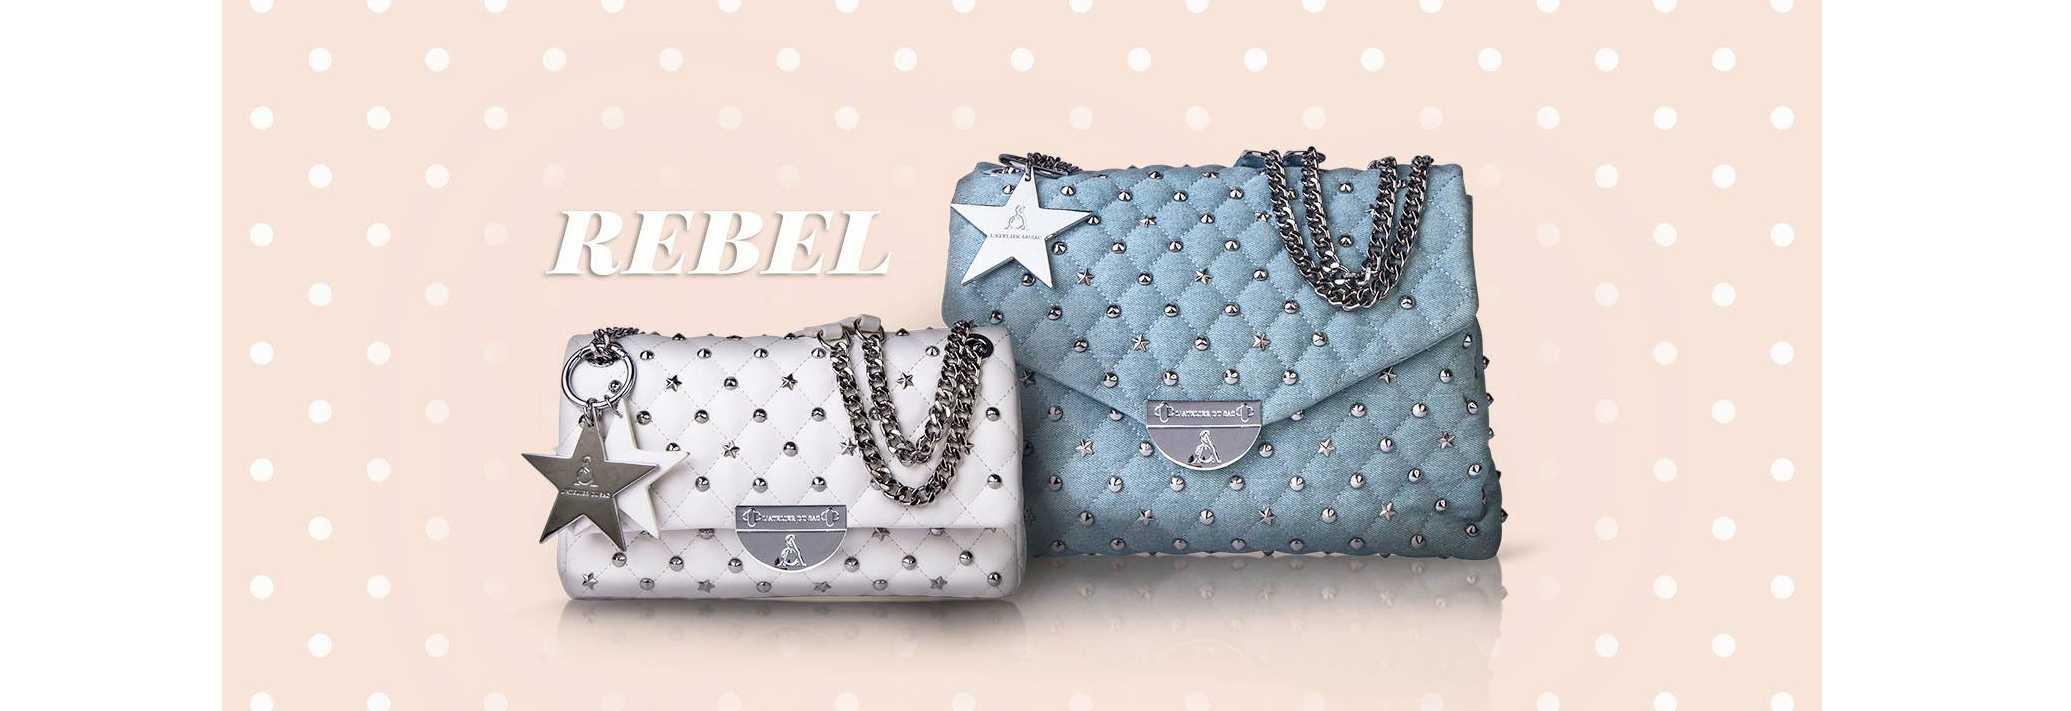 Scopri la collezione borse da donna per tutti i gusti!